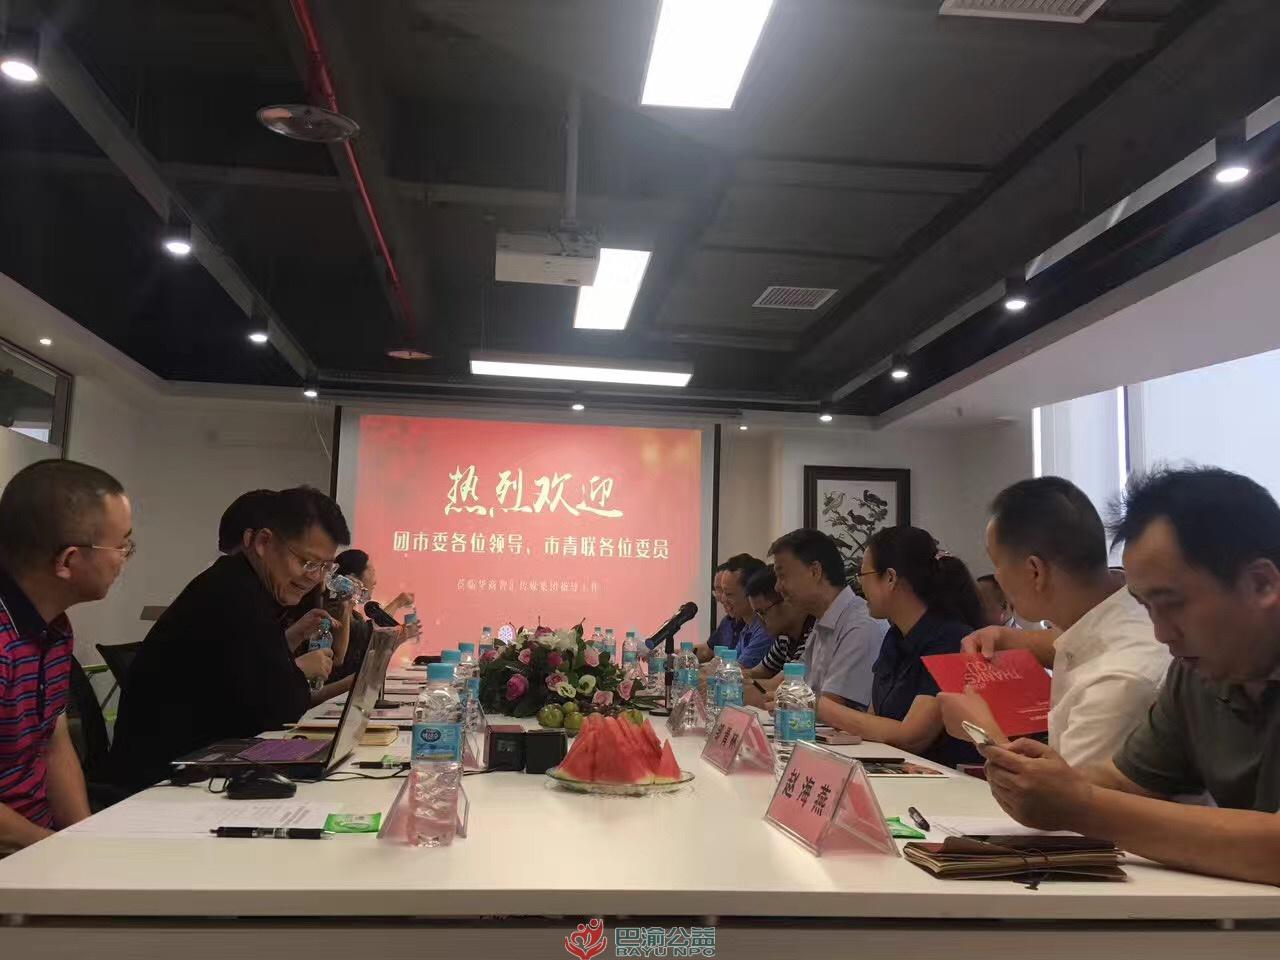 郑建参加市青联界别活动走进华商智汇传媒